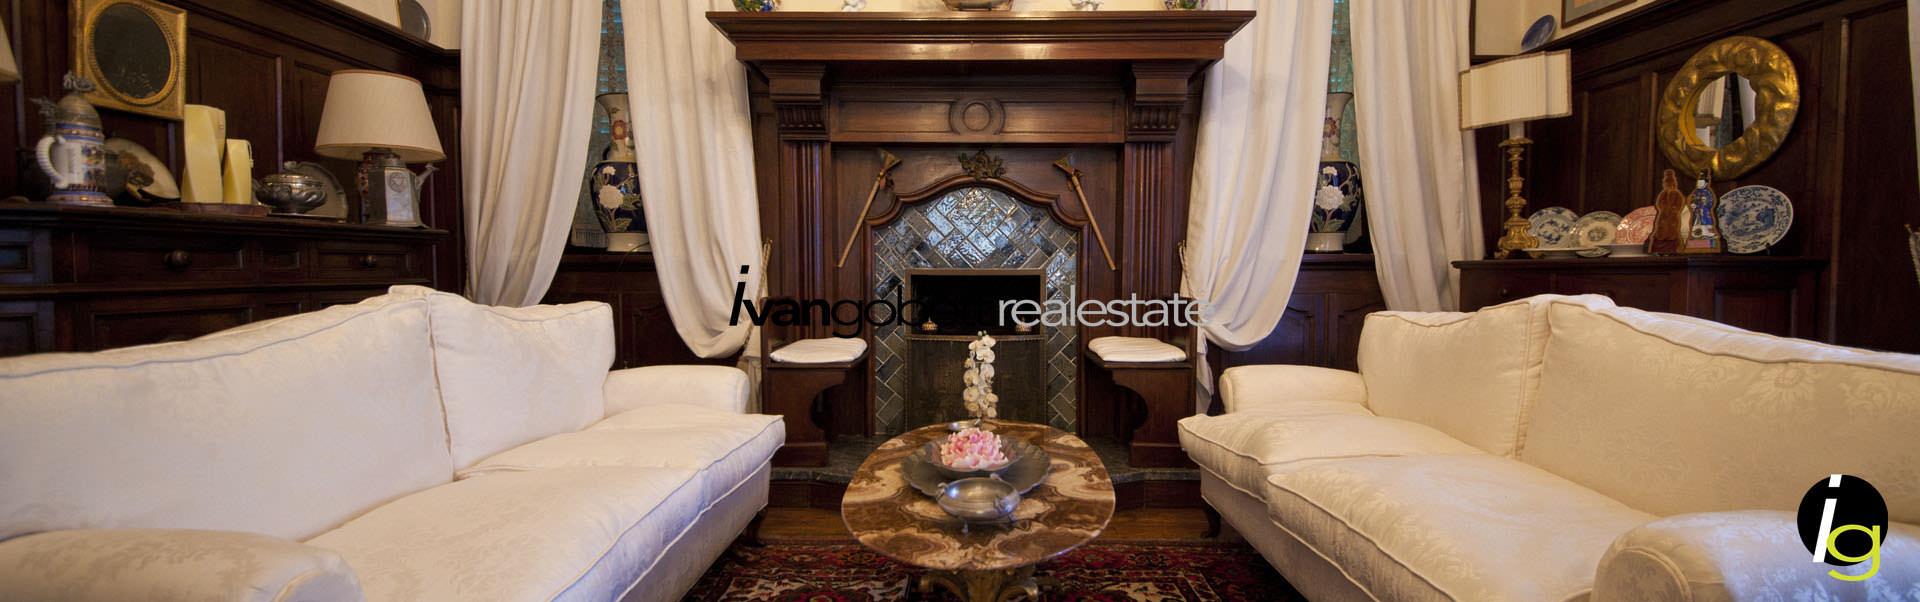 Vendesi Villa d'epoca a Stresa Lago Maggiore